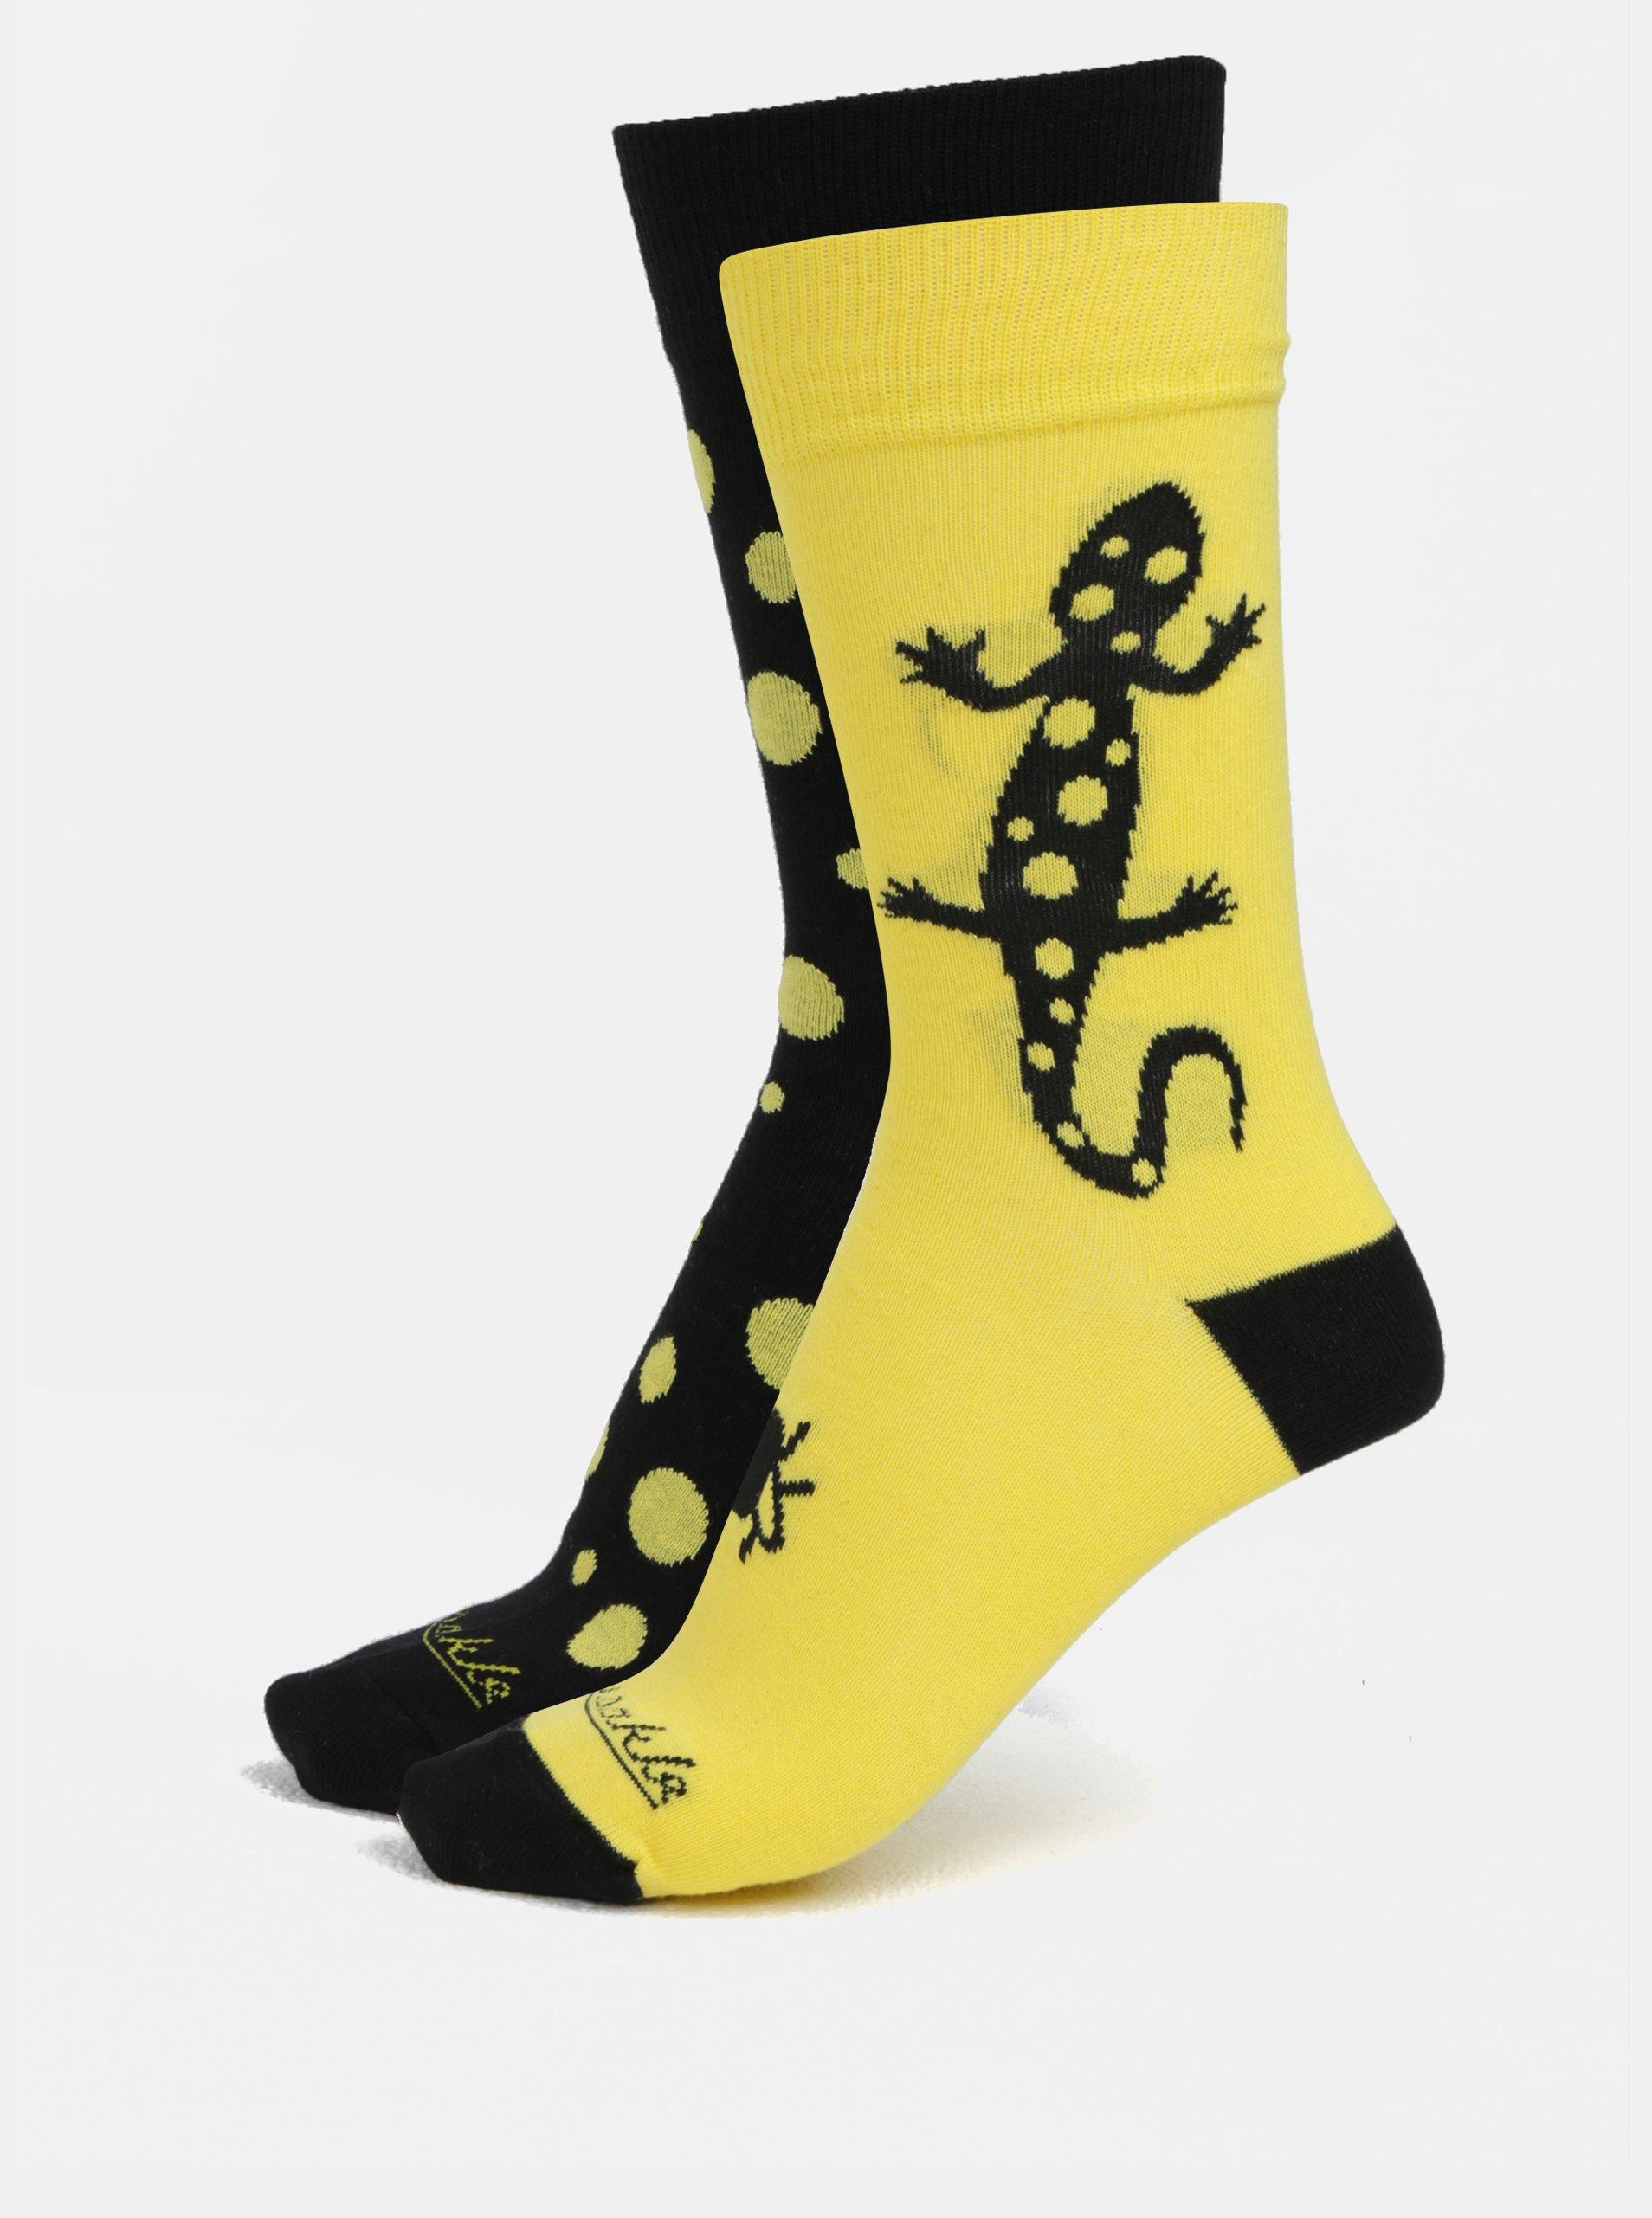 Černo-žluté unisex ponožky s motivem ještěrky Fusakle Salamandra